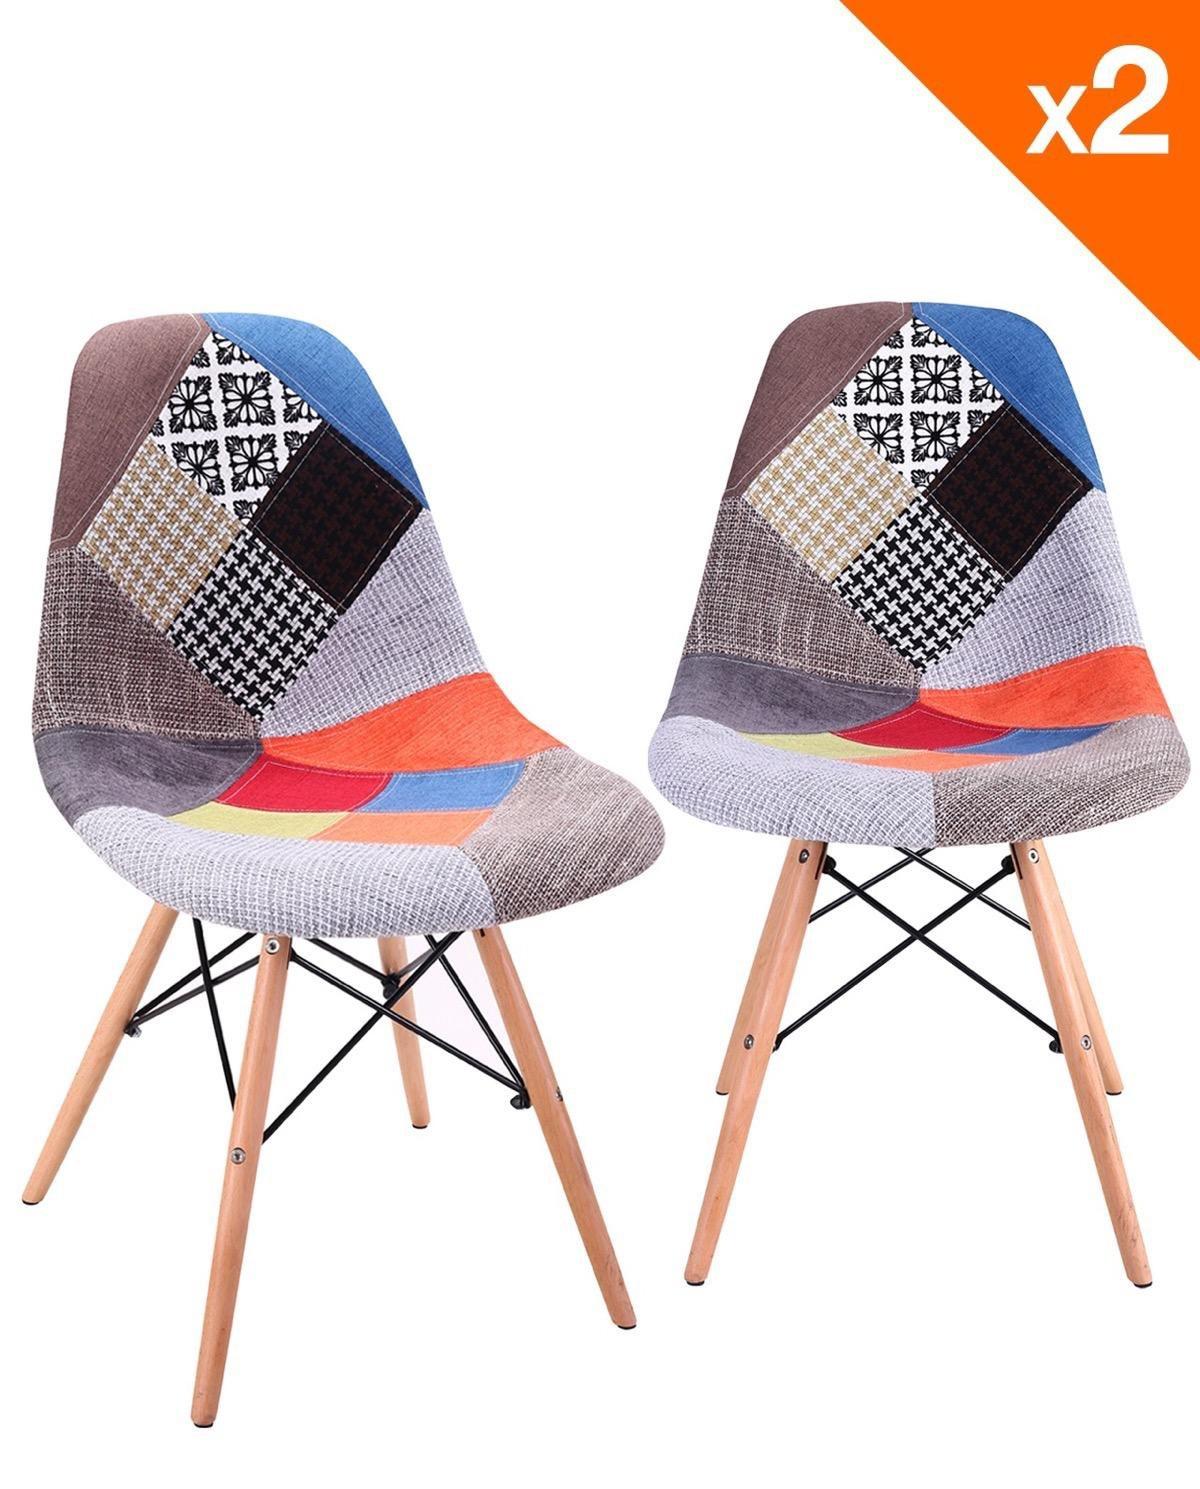 KAYELLES Chaises DSW NADIR - rembourrée et tissu patchwork - Lot de 2 chaises Design de Cuisine - Salle à Manger - Salon